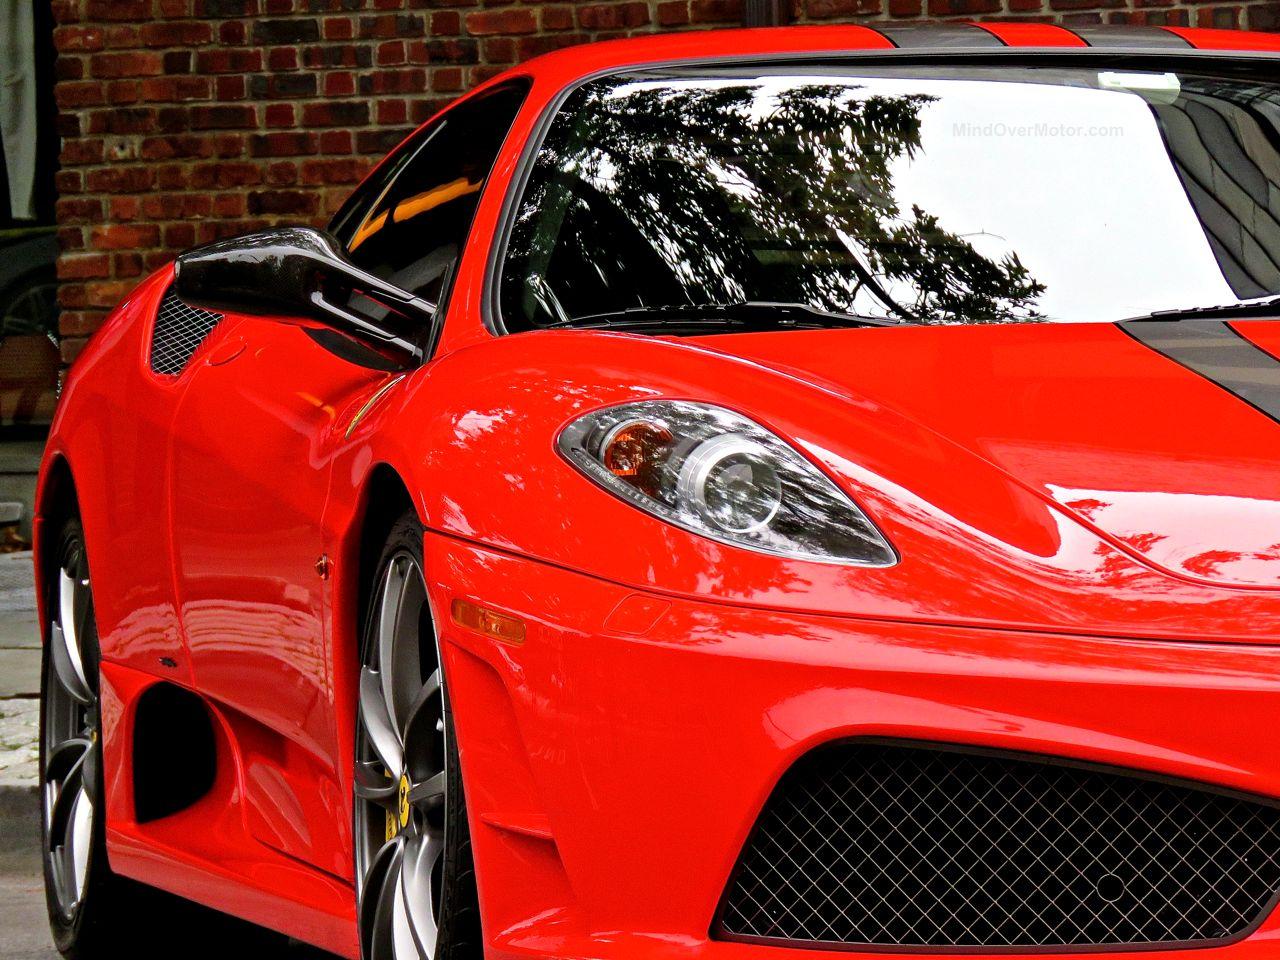 Ferrari 430 Scuderia Scarsdale Concours